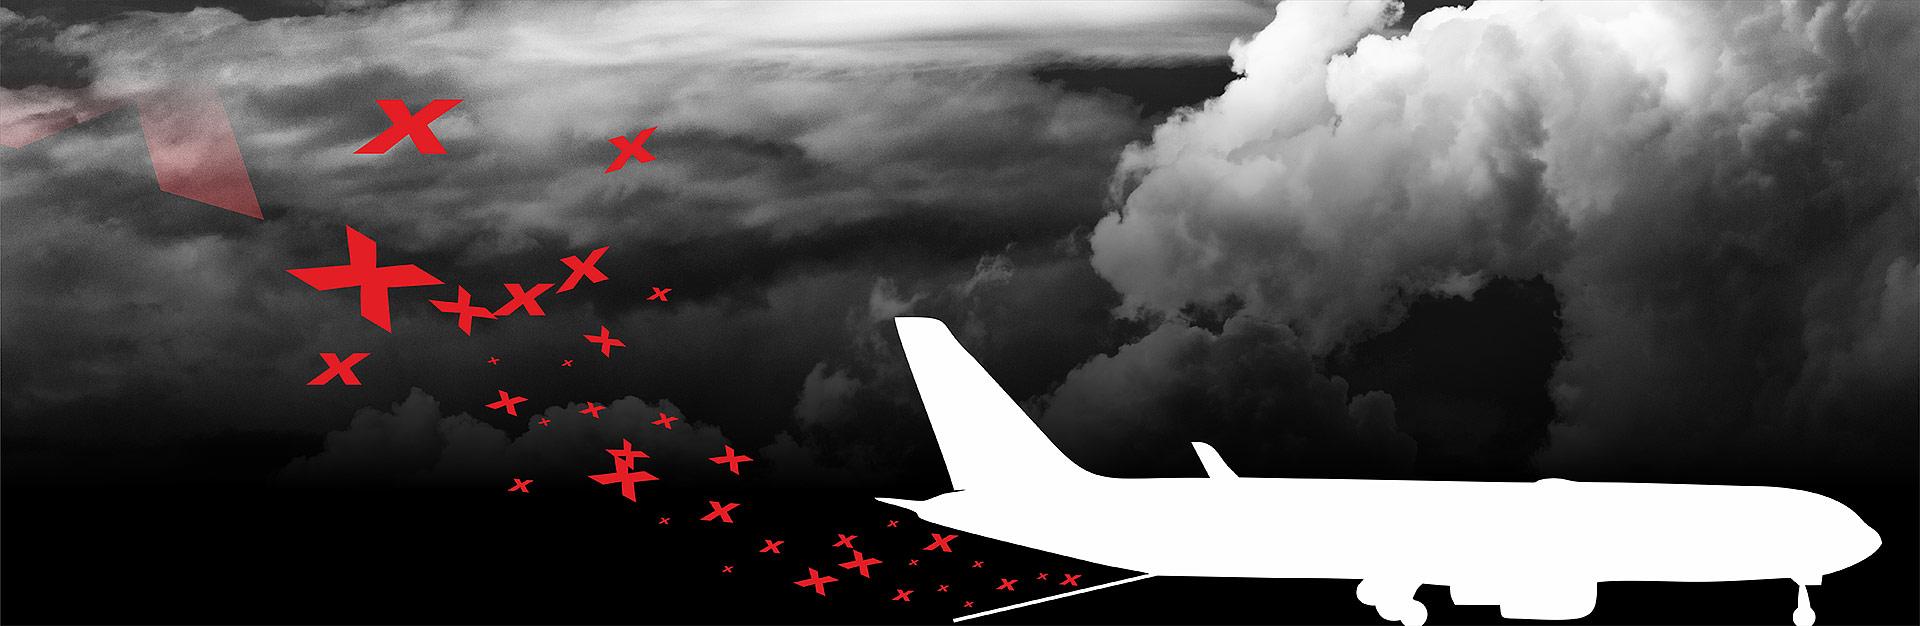 glexx_logistik_aircargo